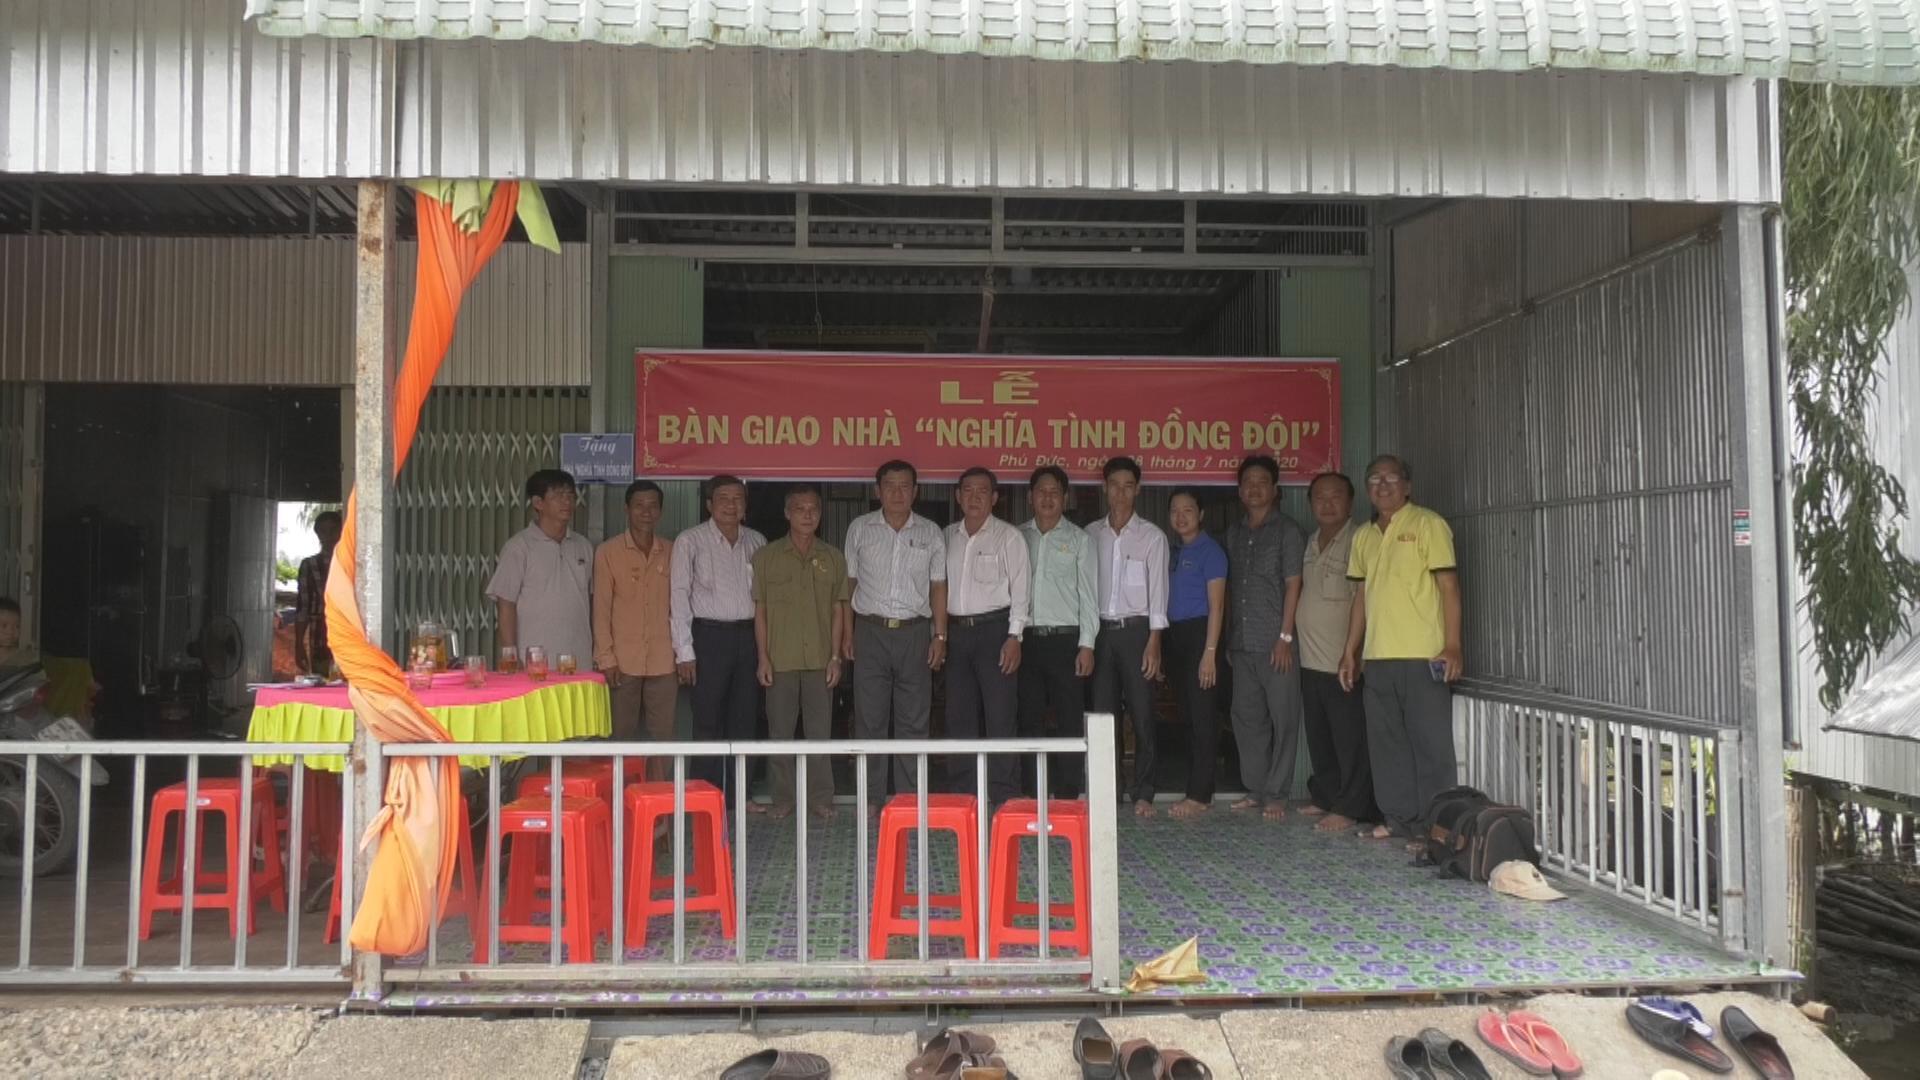 Chăm lo nhà nghĩa tình đồng đội ở huyện Tam Nông Ảnh 1